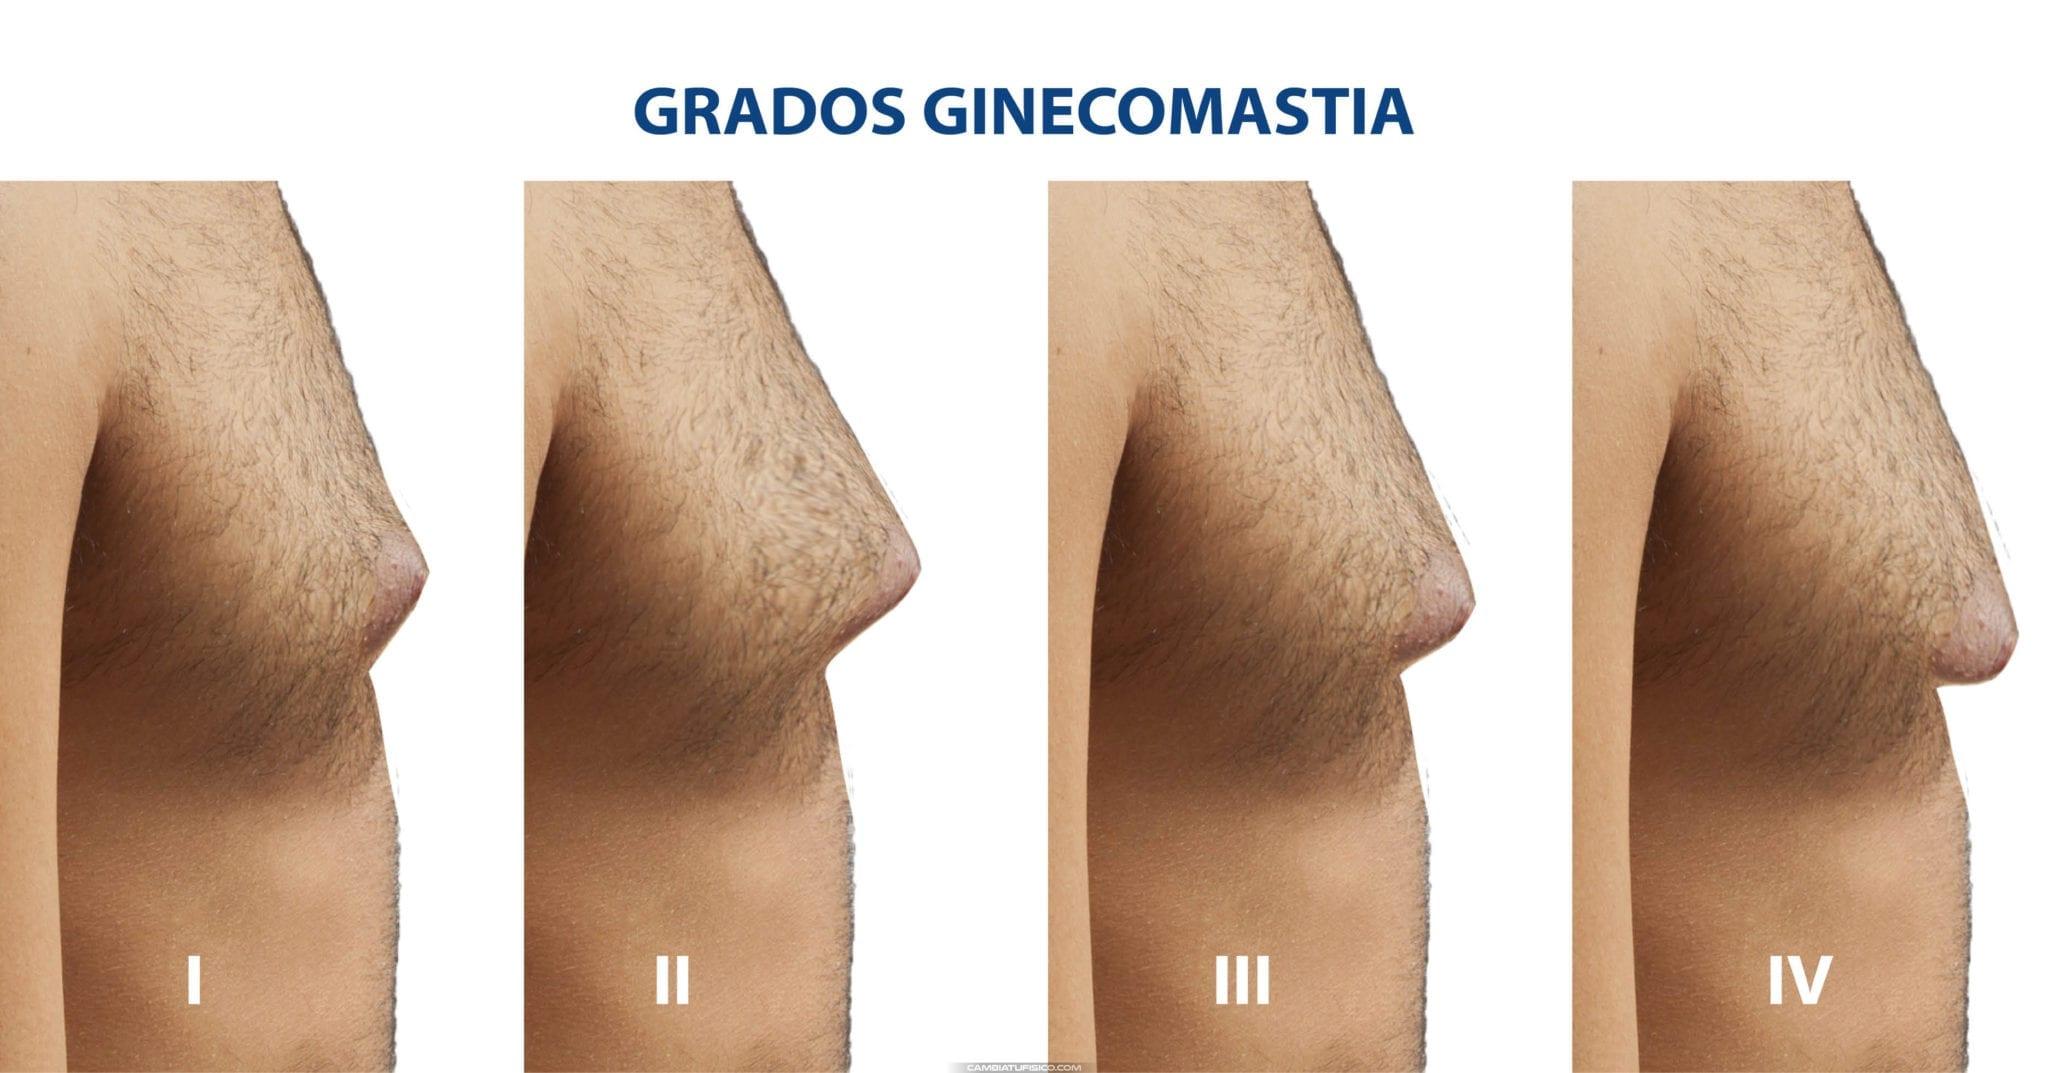 Grados Ginecomastia